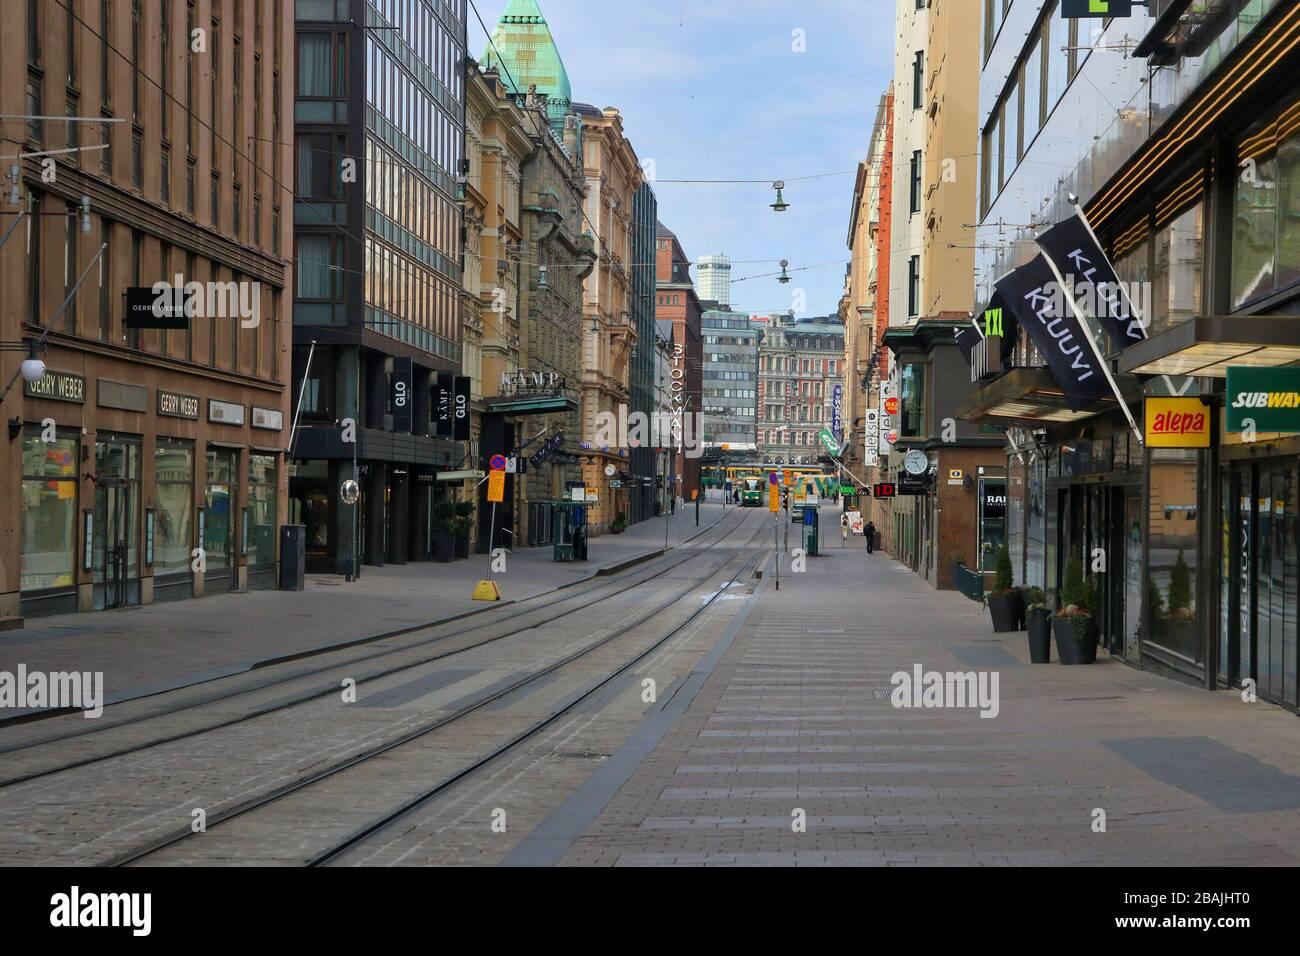 Helsinki, Finlandia. 28 de marzo de 2020. Aleksanterinkatu, una de las calles comerciales más concurridas de Helsinki, es muy tranquila debido a la pandemia del coronavirus. Foto de stock